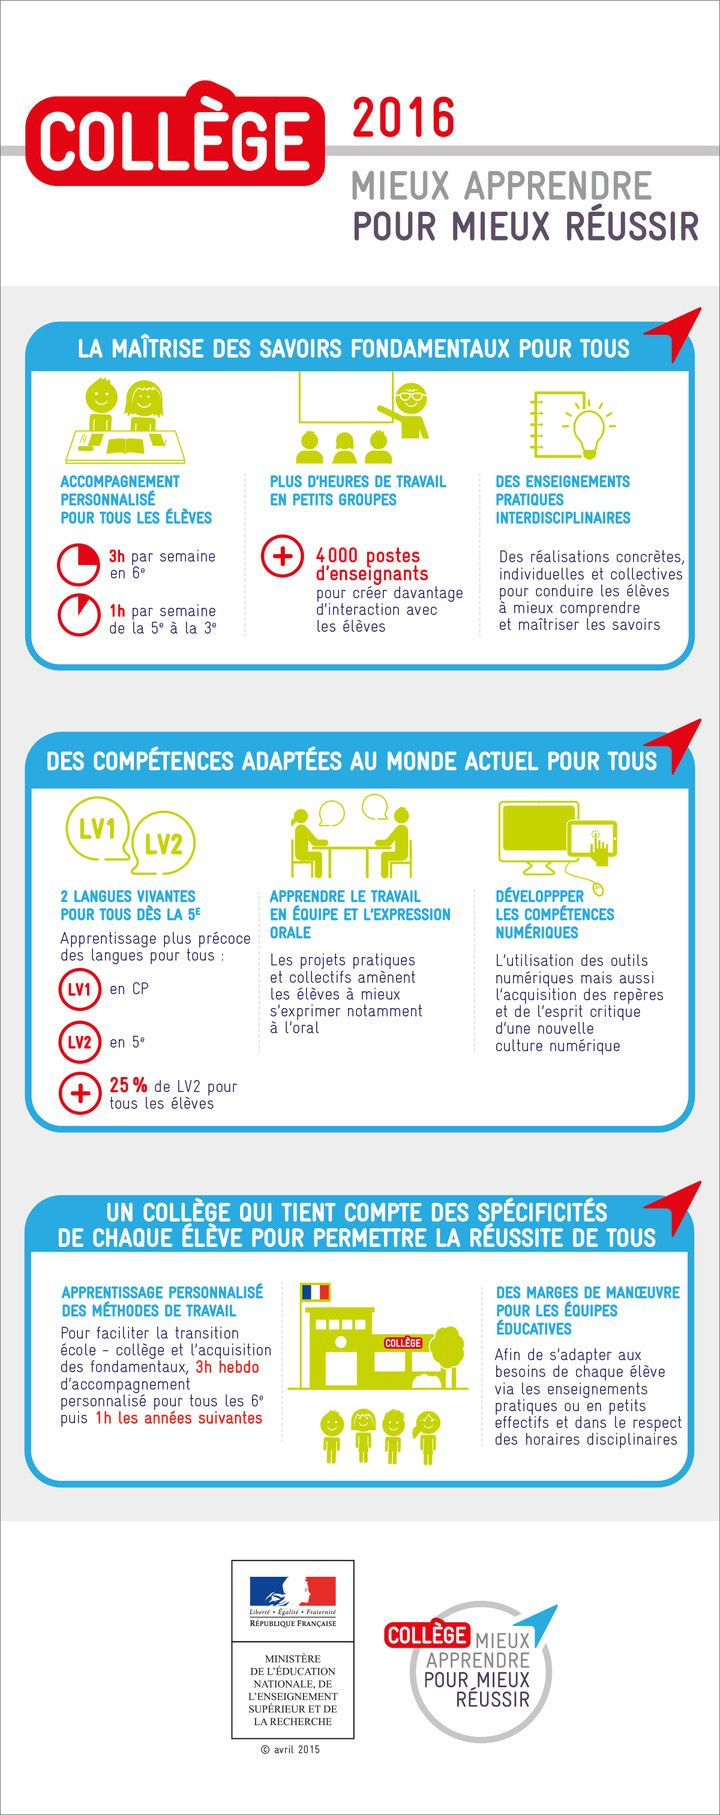 Mieux apprendre pour mieux réussir : les points-clés du collège 2016 - Ministère…